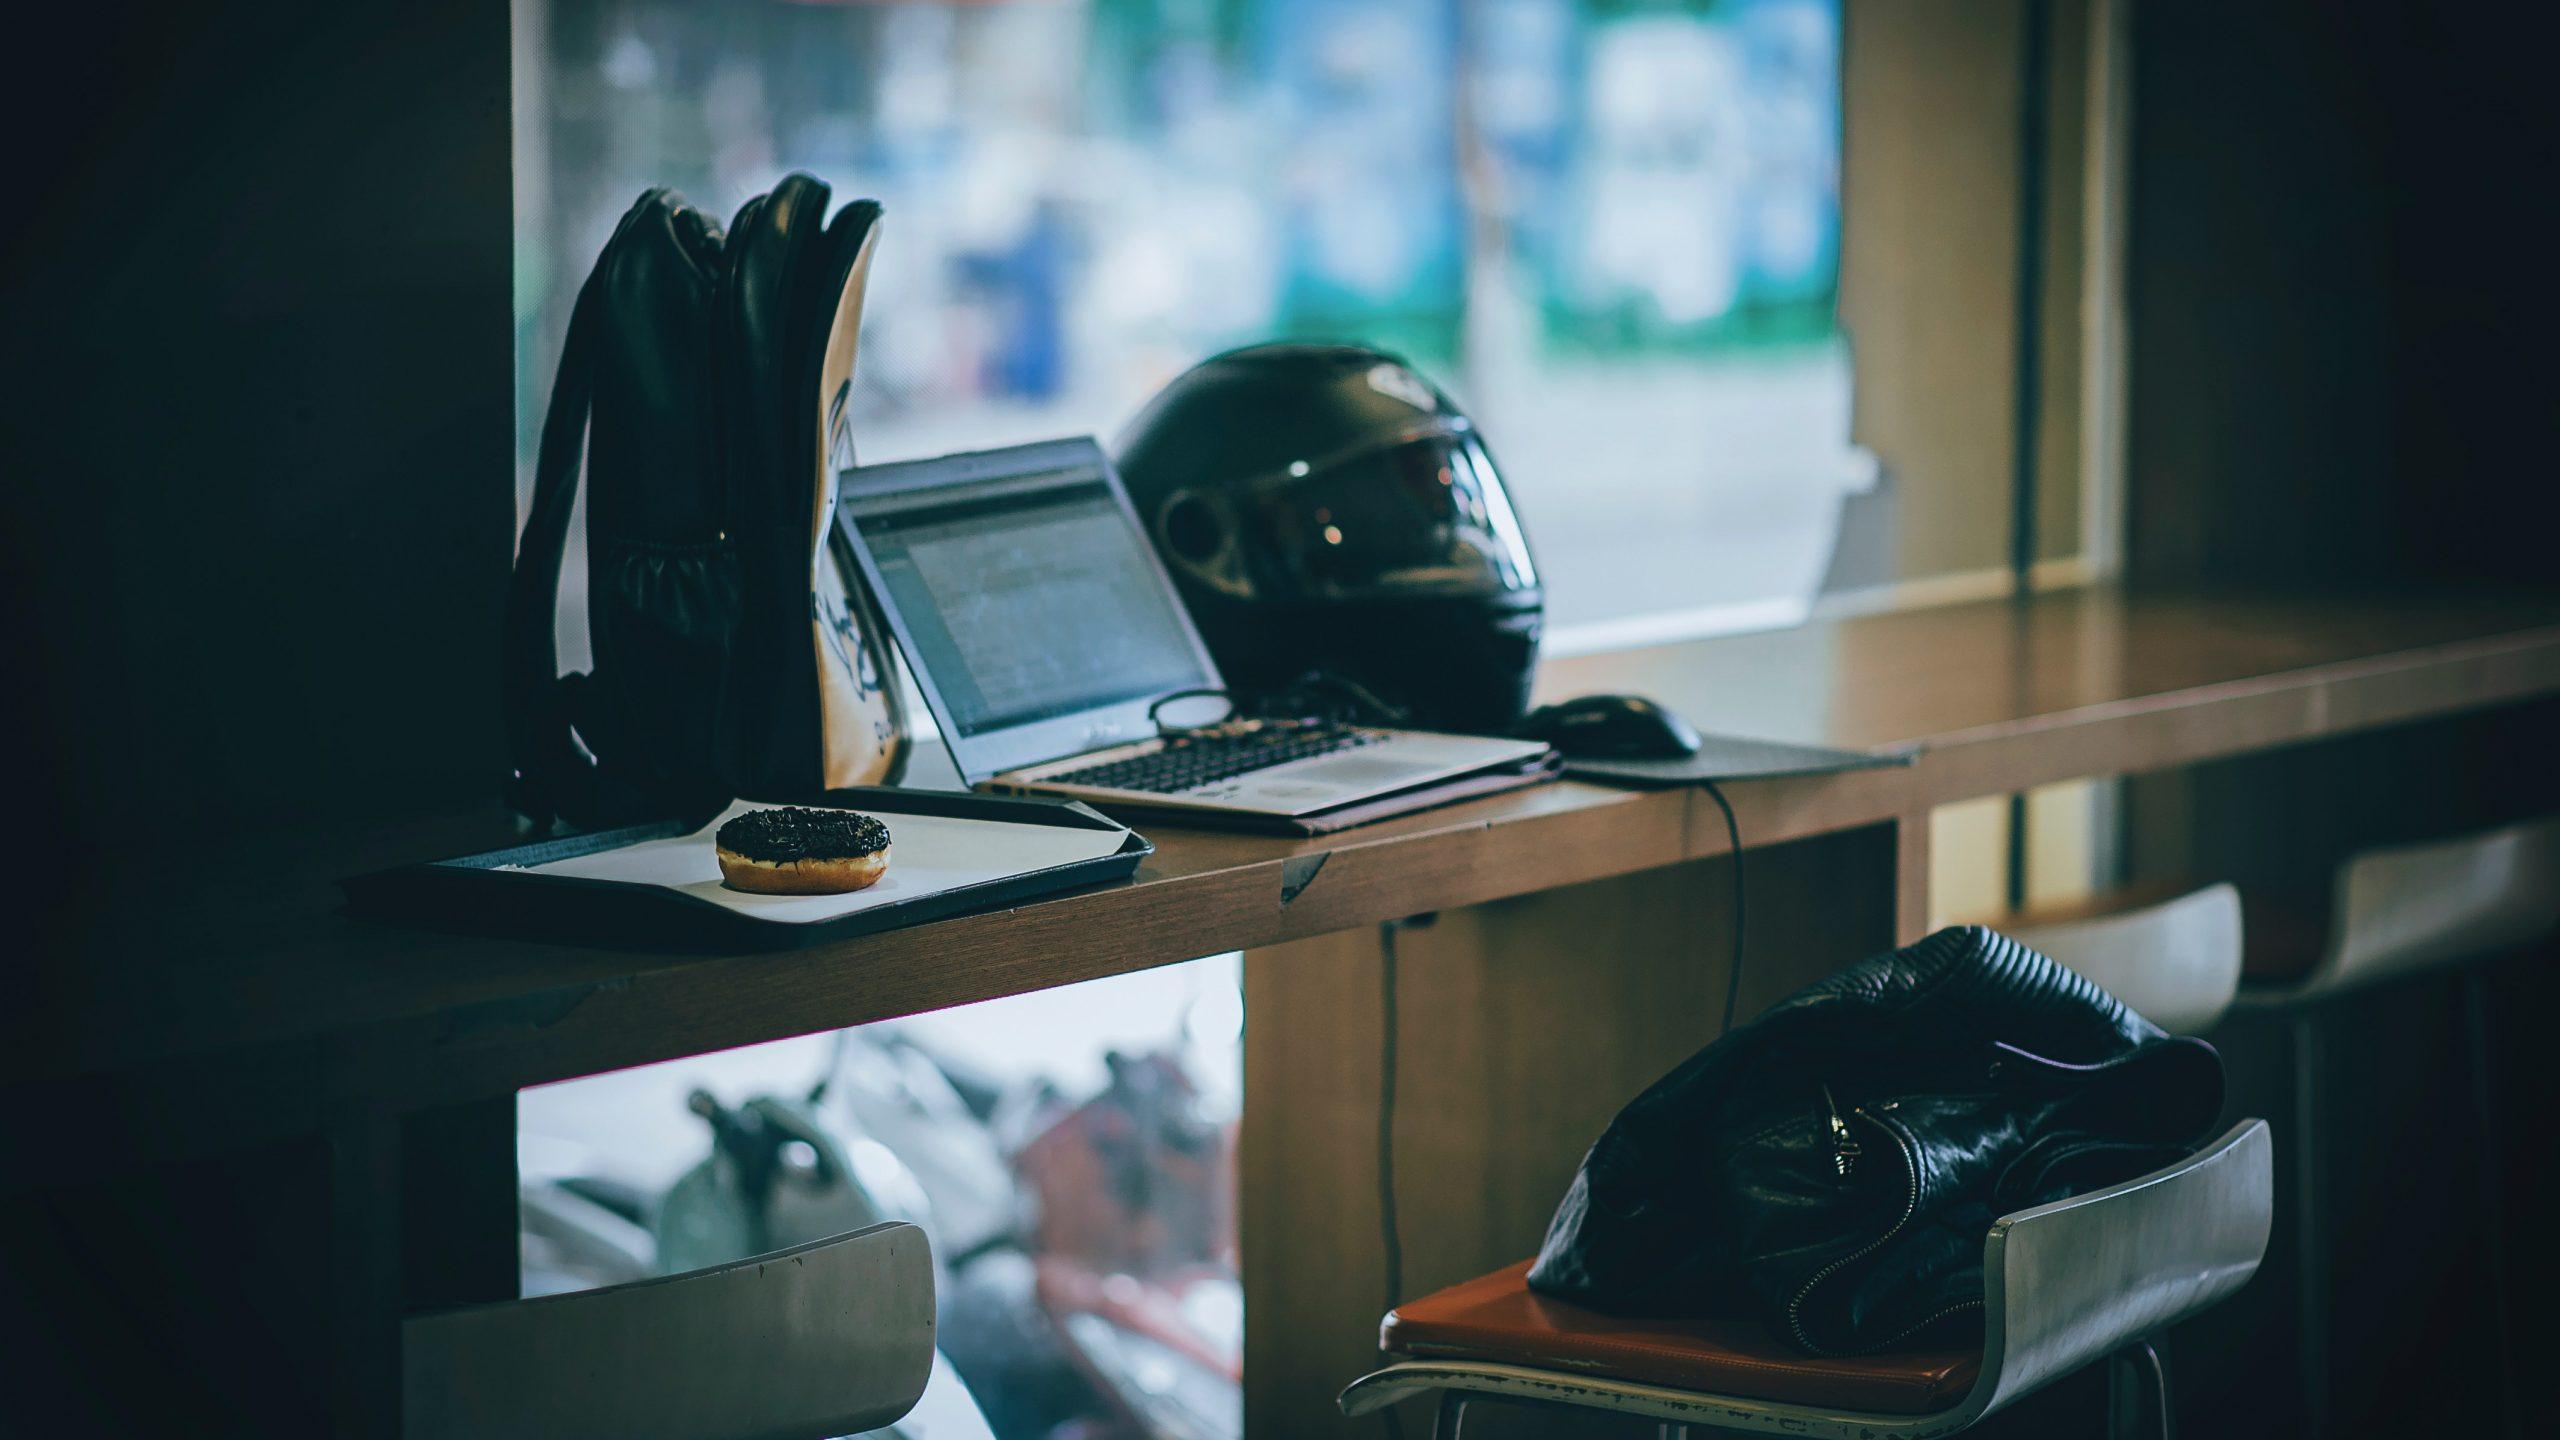 gray-laptop-near-black-full-face-helmet-681704